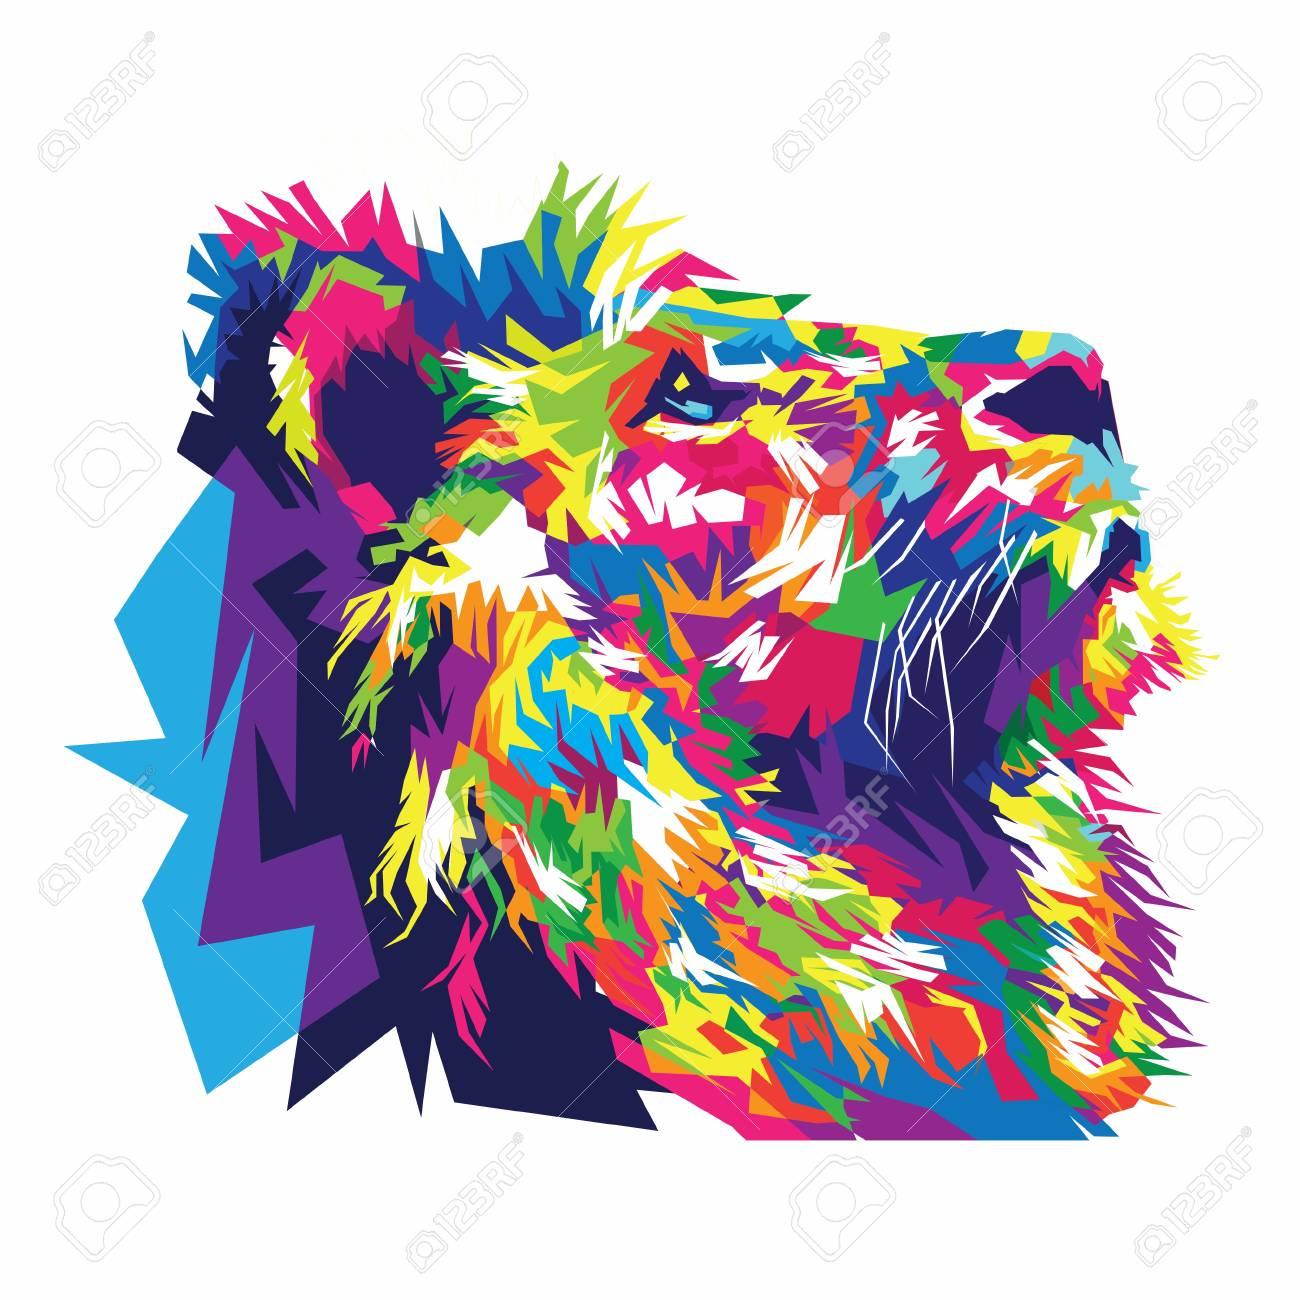 Colorful lion illustration lion art lion design stock vector 103753413